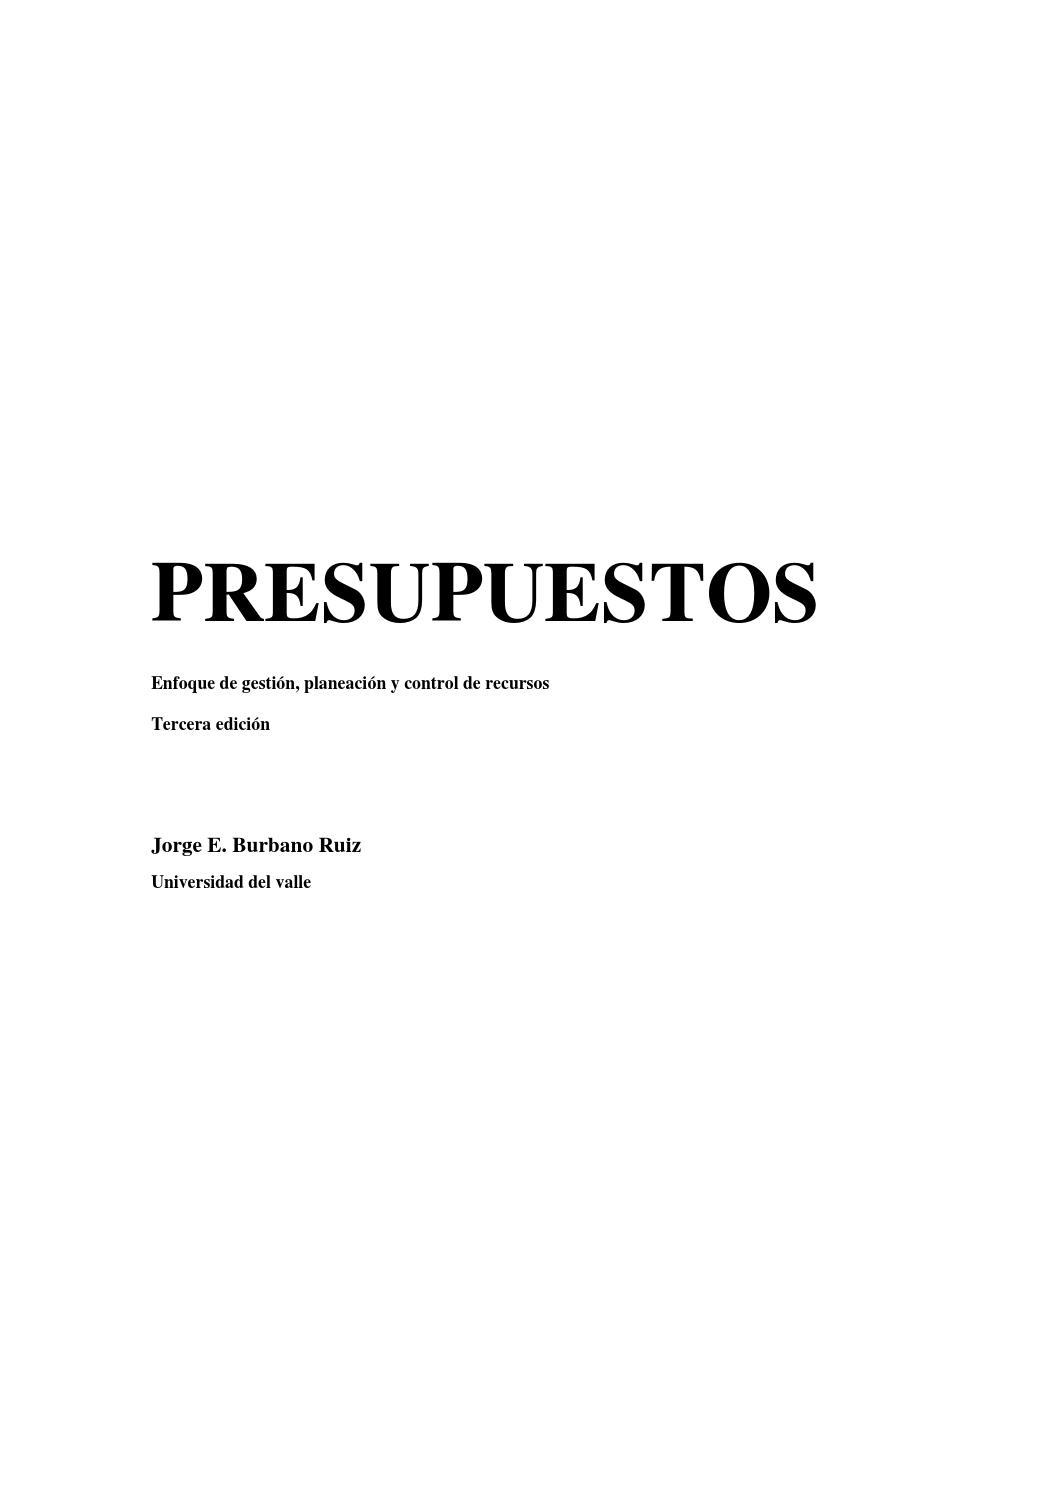 Burbano presupuestos enfoque de gestic3b3n by Alexander Pineda - issuu